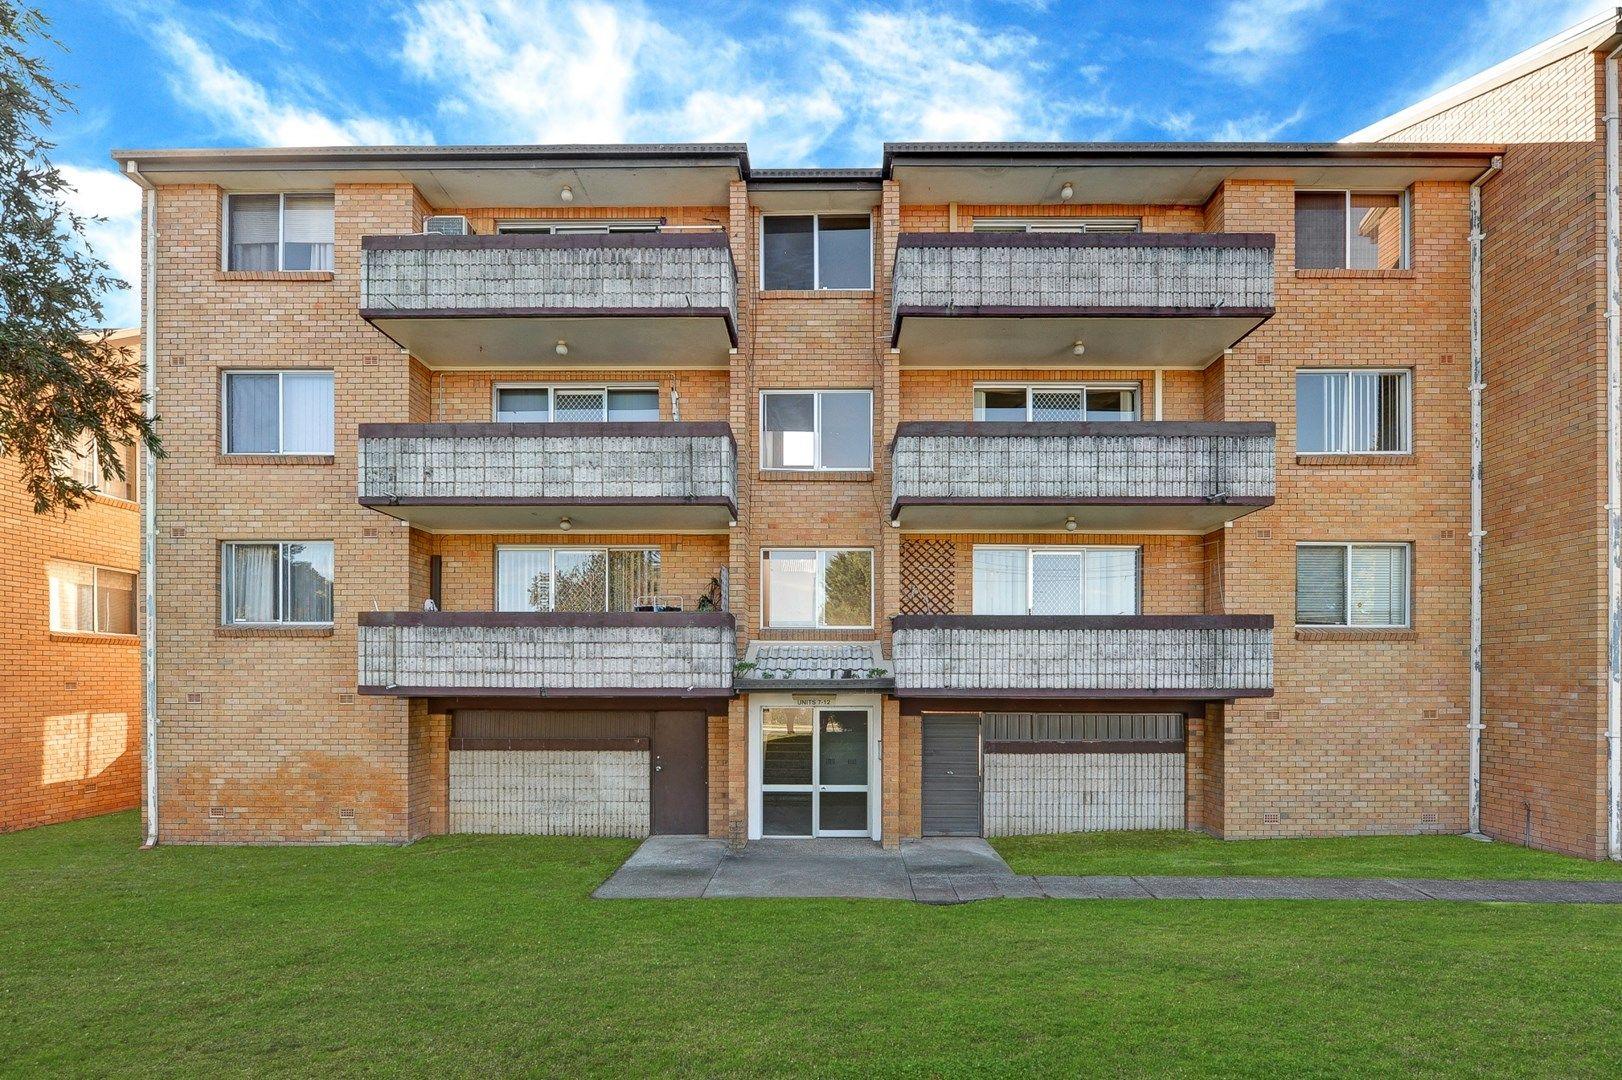 18/37 Saddington Street, St Marys NSW 2760, Image 0